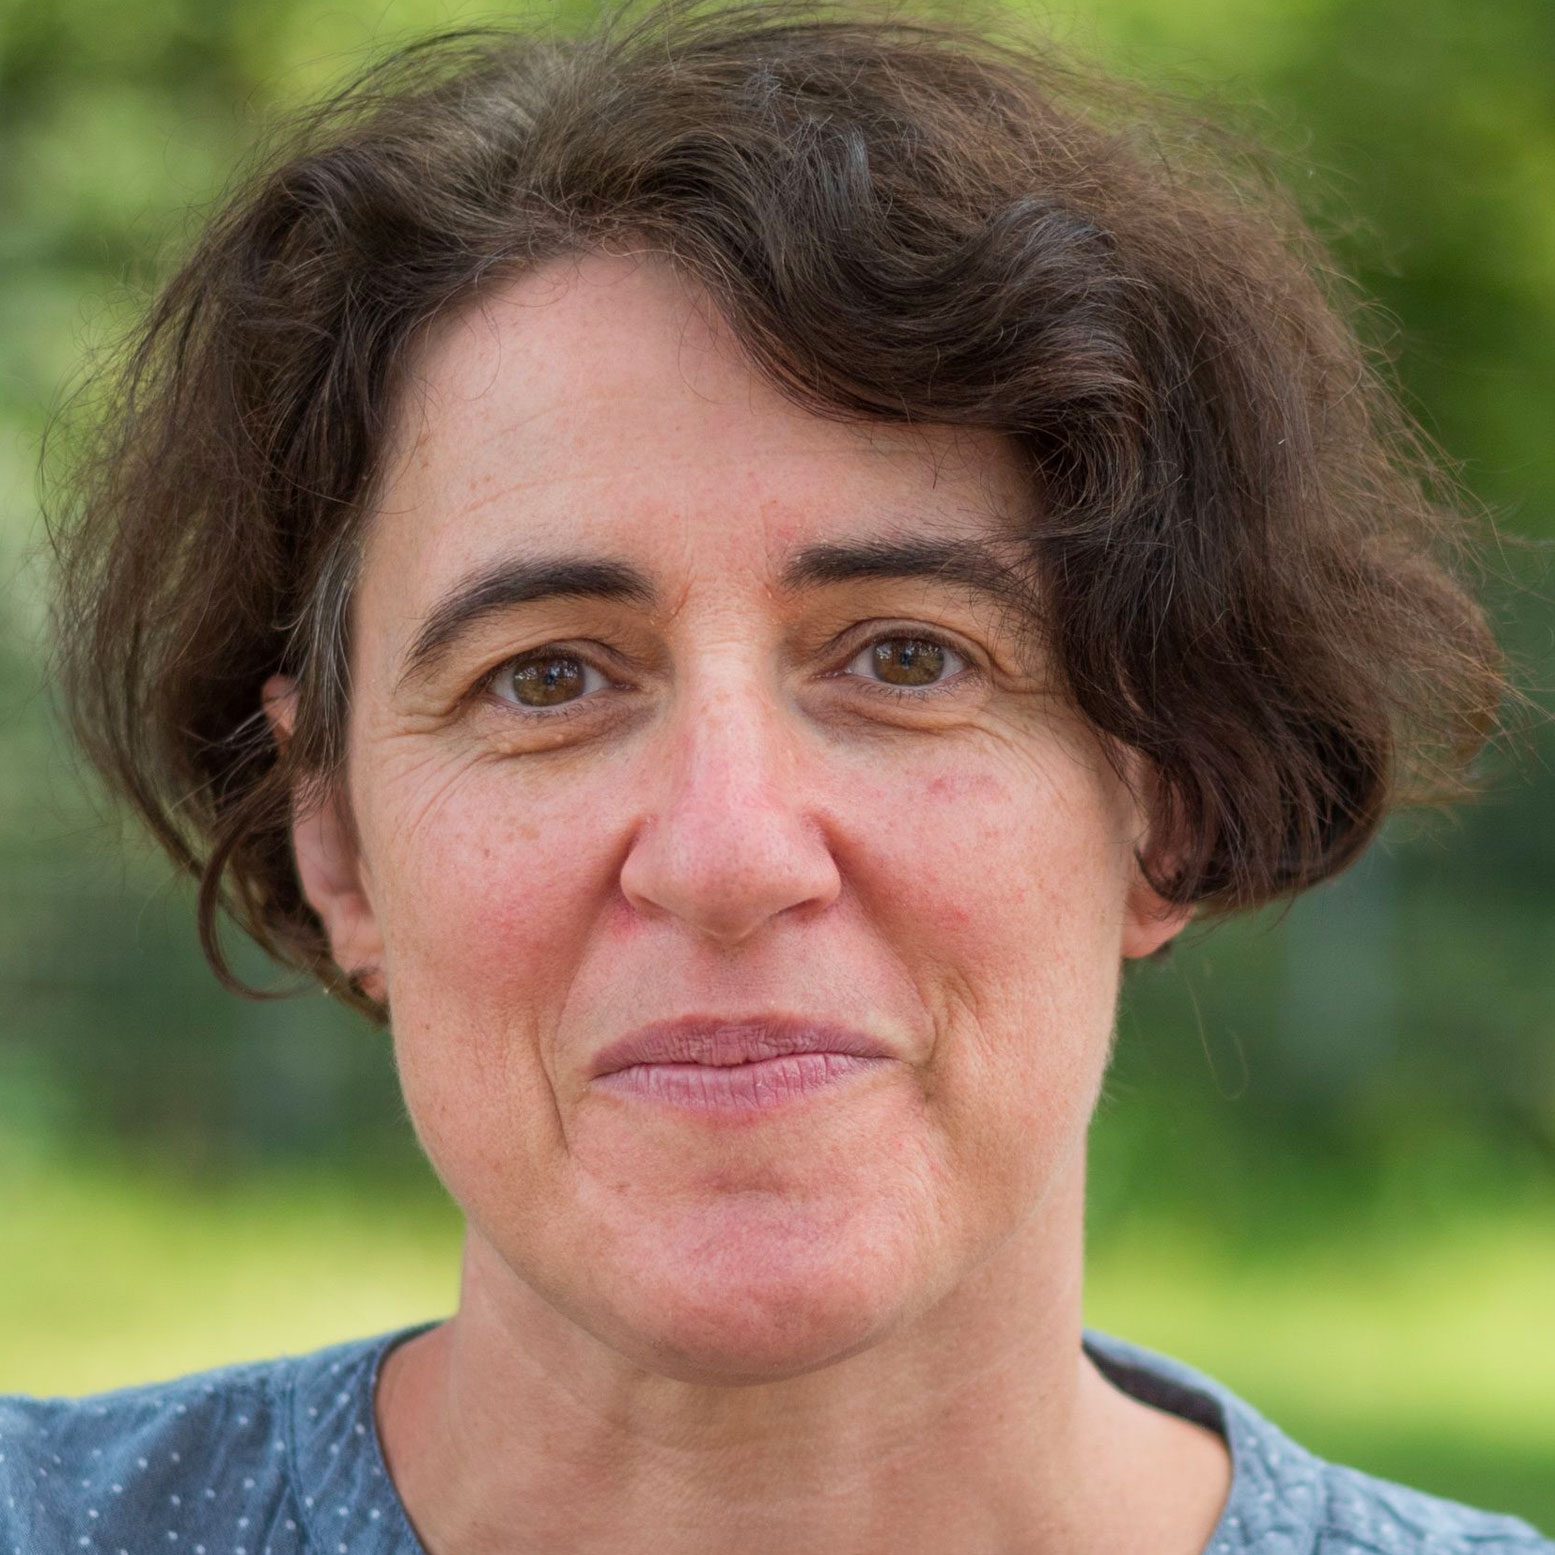 Frau Harzer